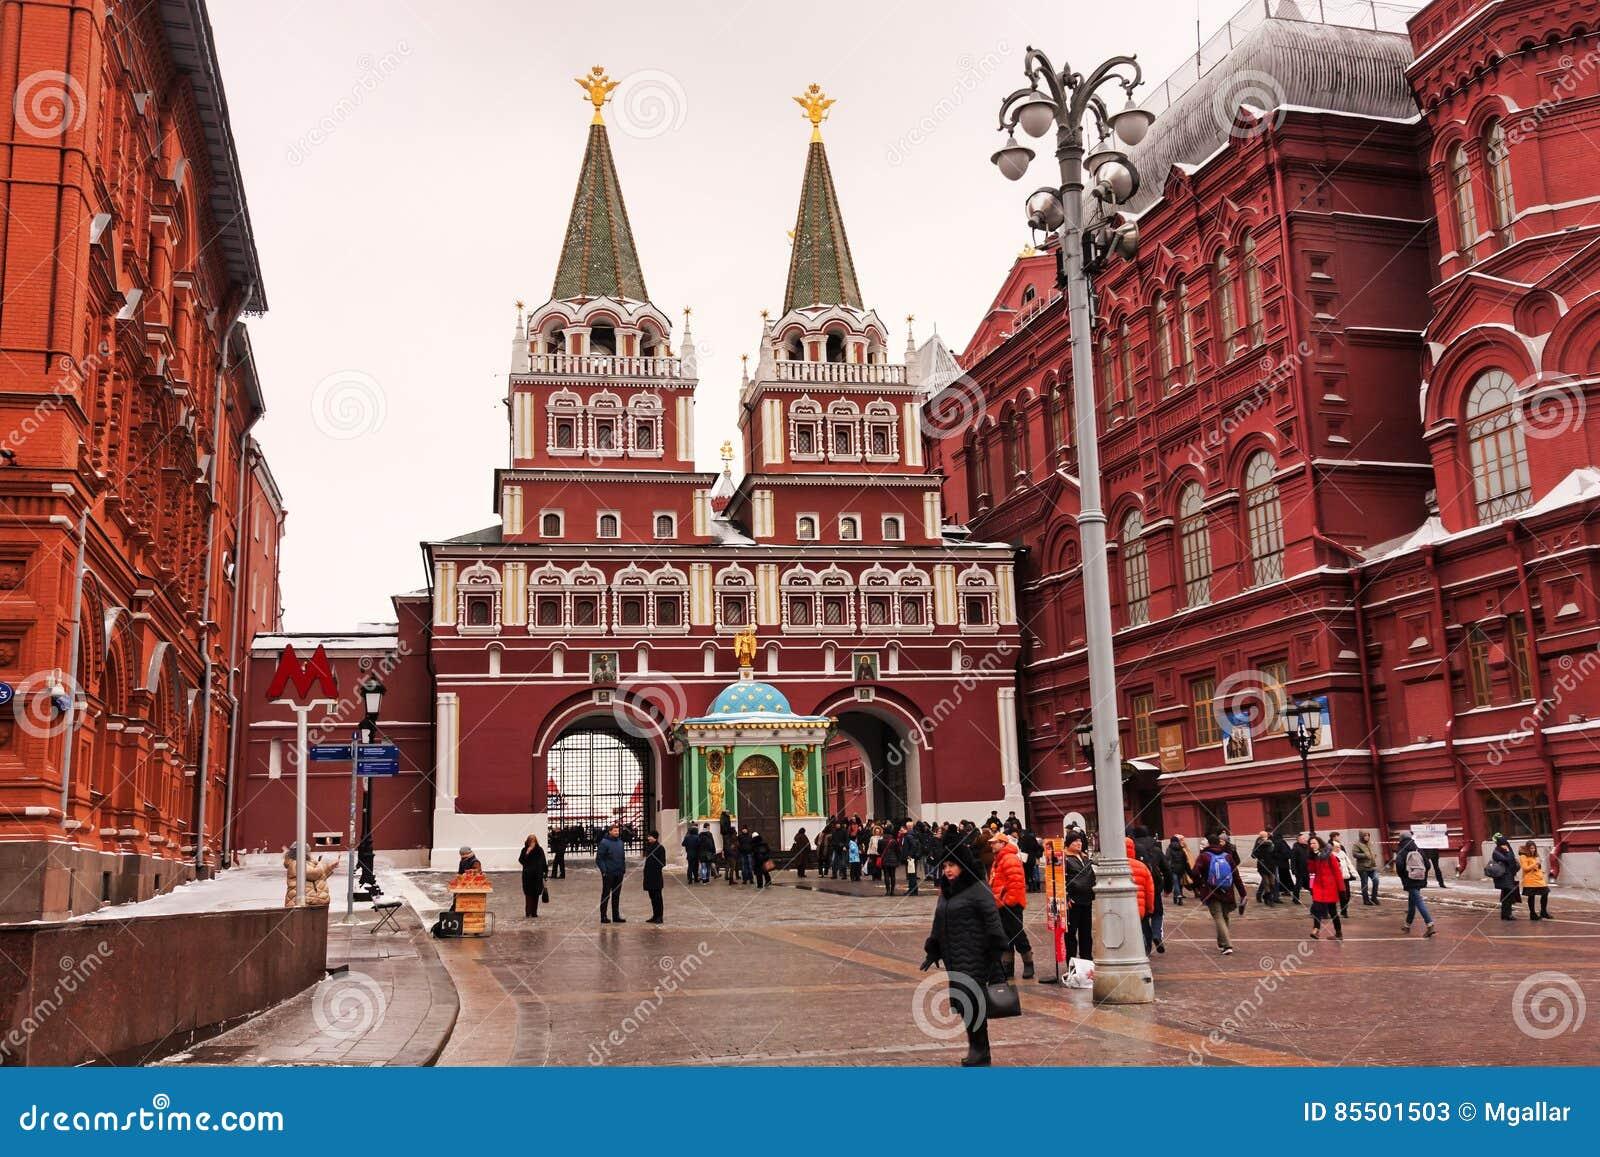 莫斯科,俄罗斯联邦- 2017年1月21日:往著名克里姆林宫区域,许多访客在红场喜欢去